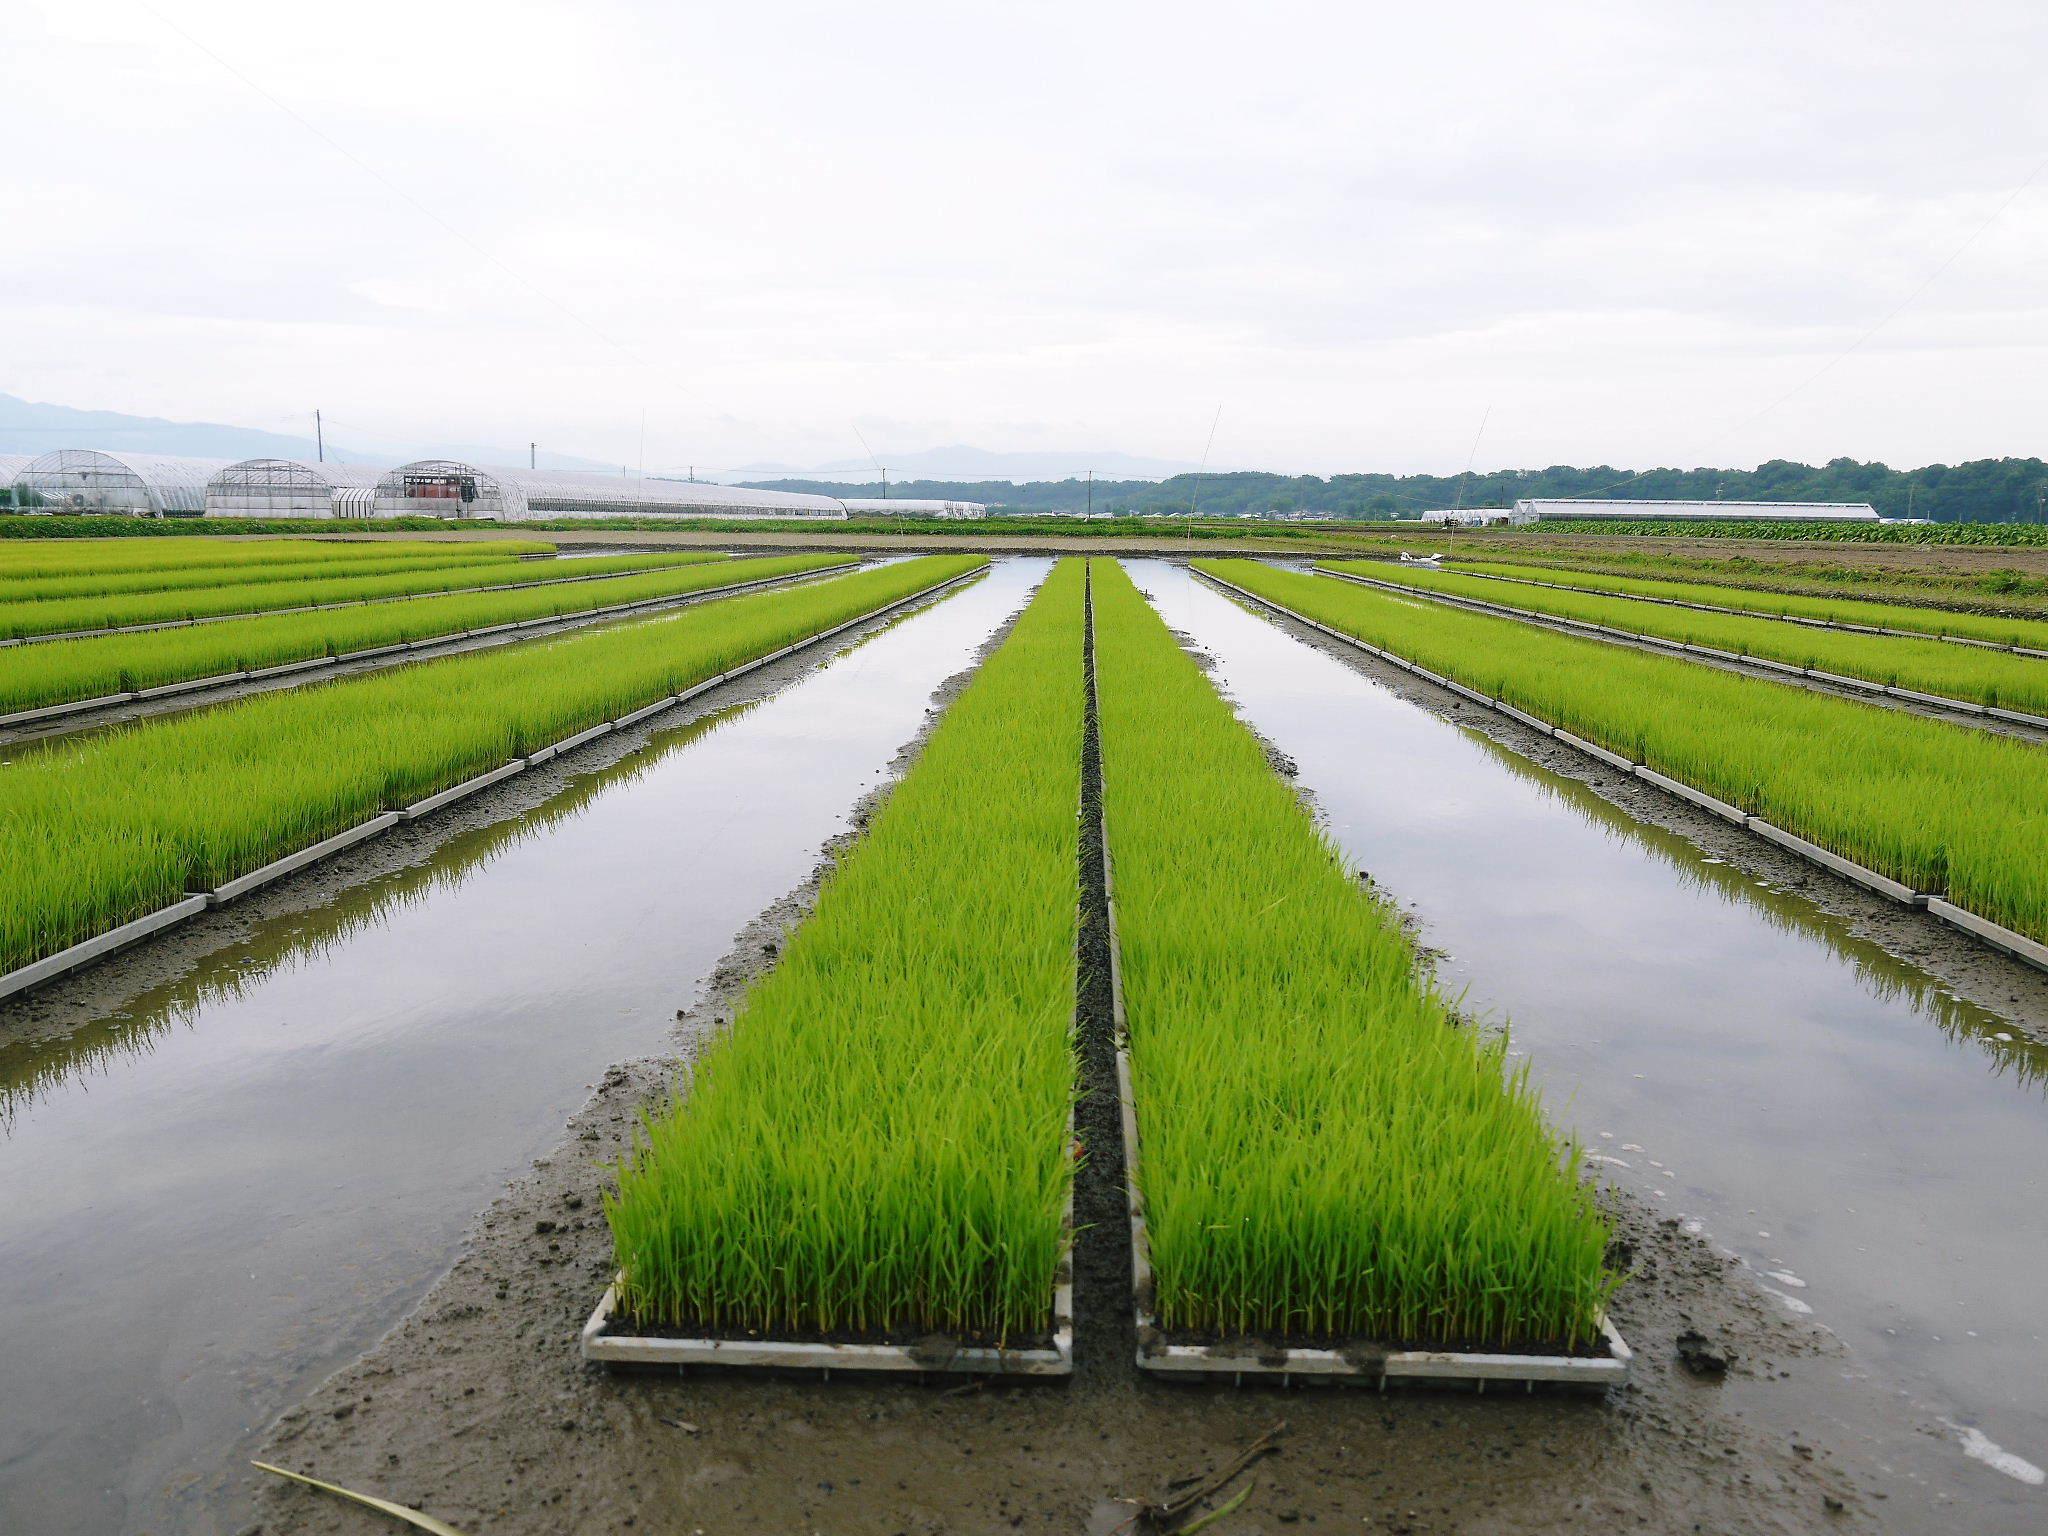 七城米 長尾農園 令和3年も美しすぎる田んぼで稲穂が頭を垂れ始めました!稲刈りは10月中旬です! _a0254656_18165420.jpg